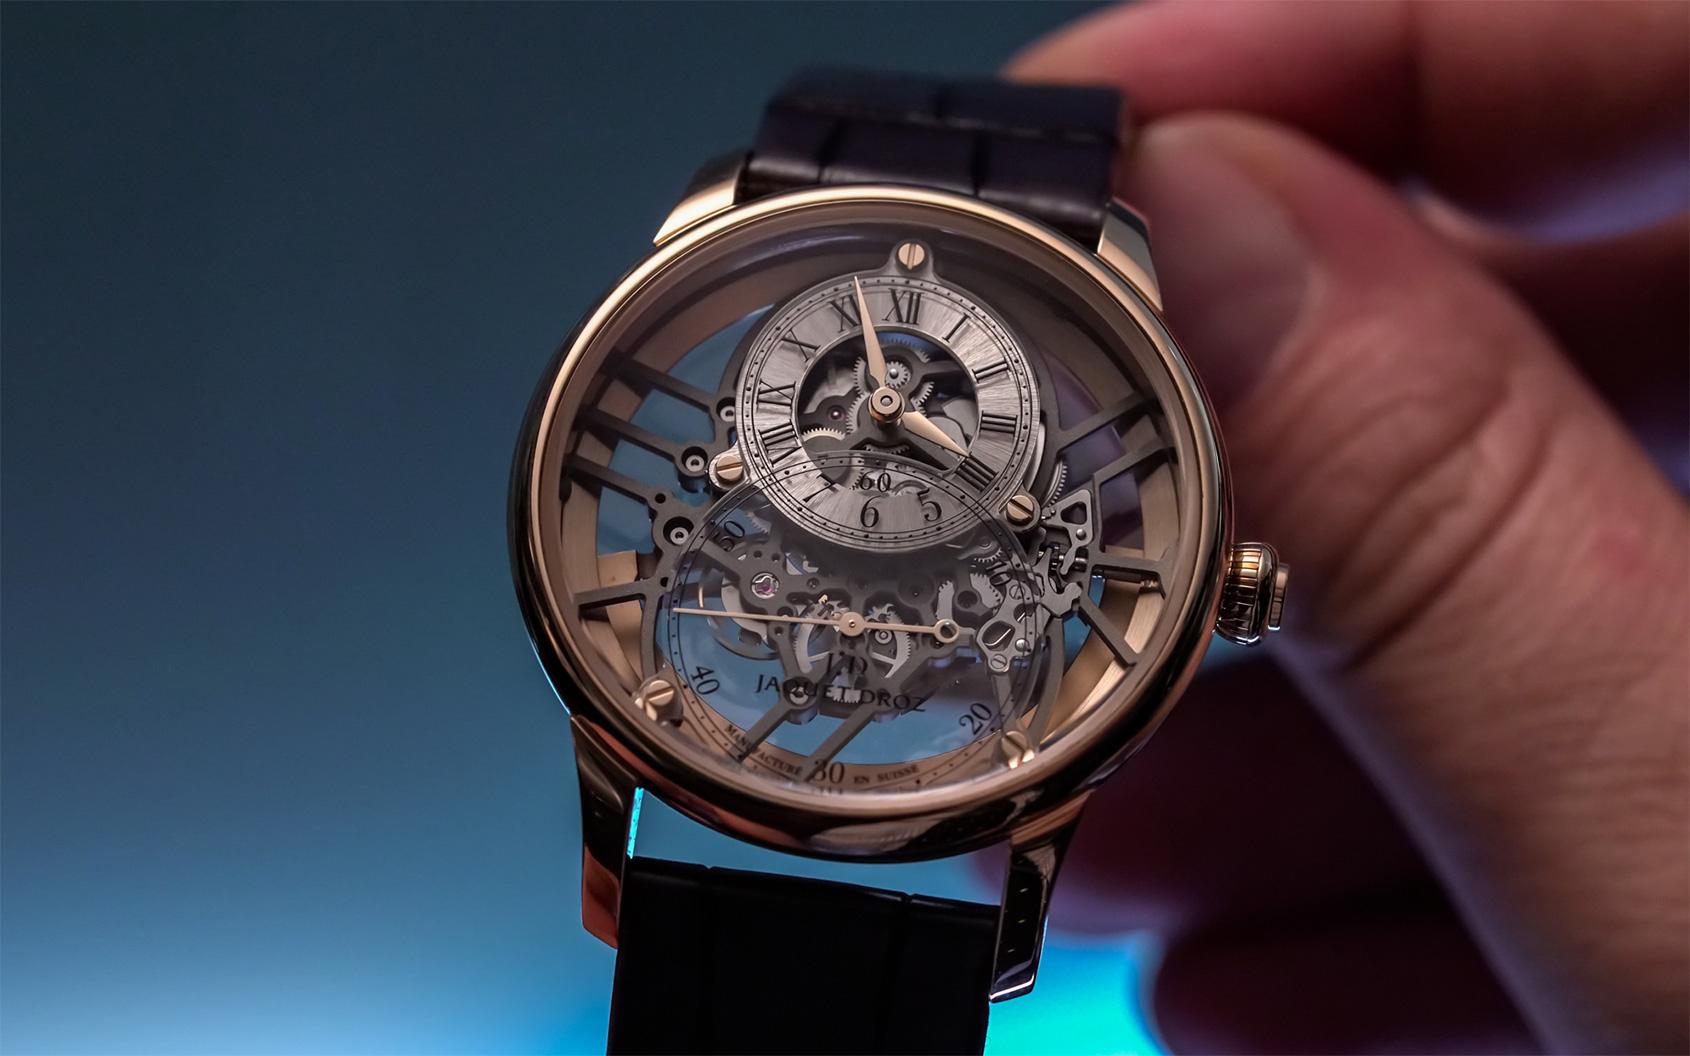 Jaquet Droz Grande Seconde Skelet one 4 Swiss Watch Luxury